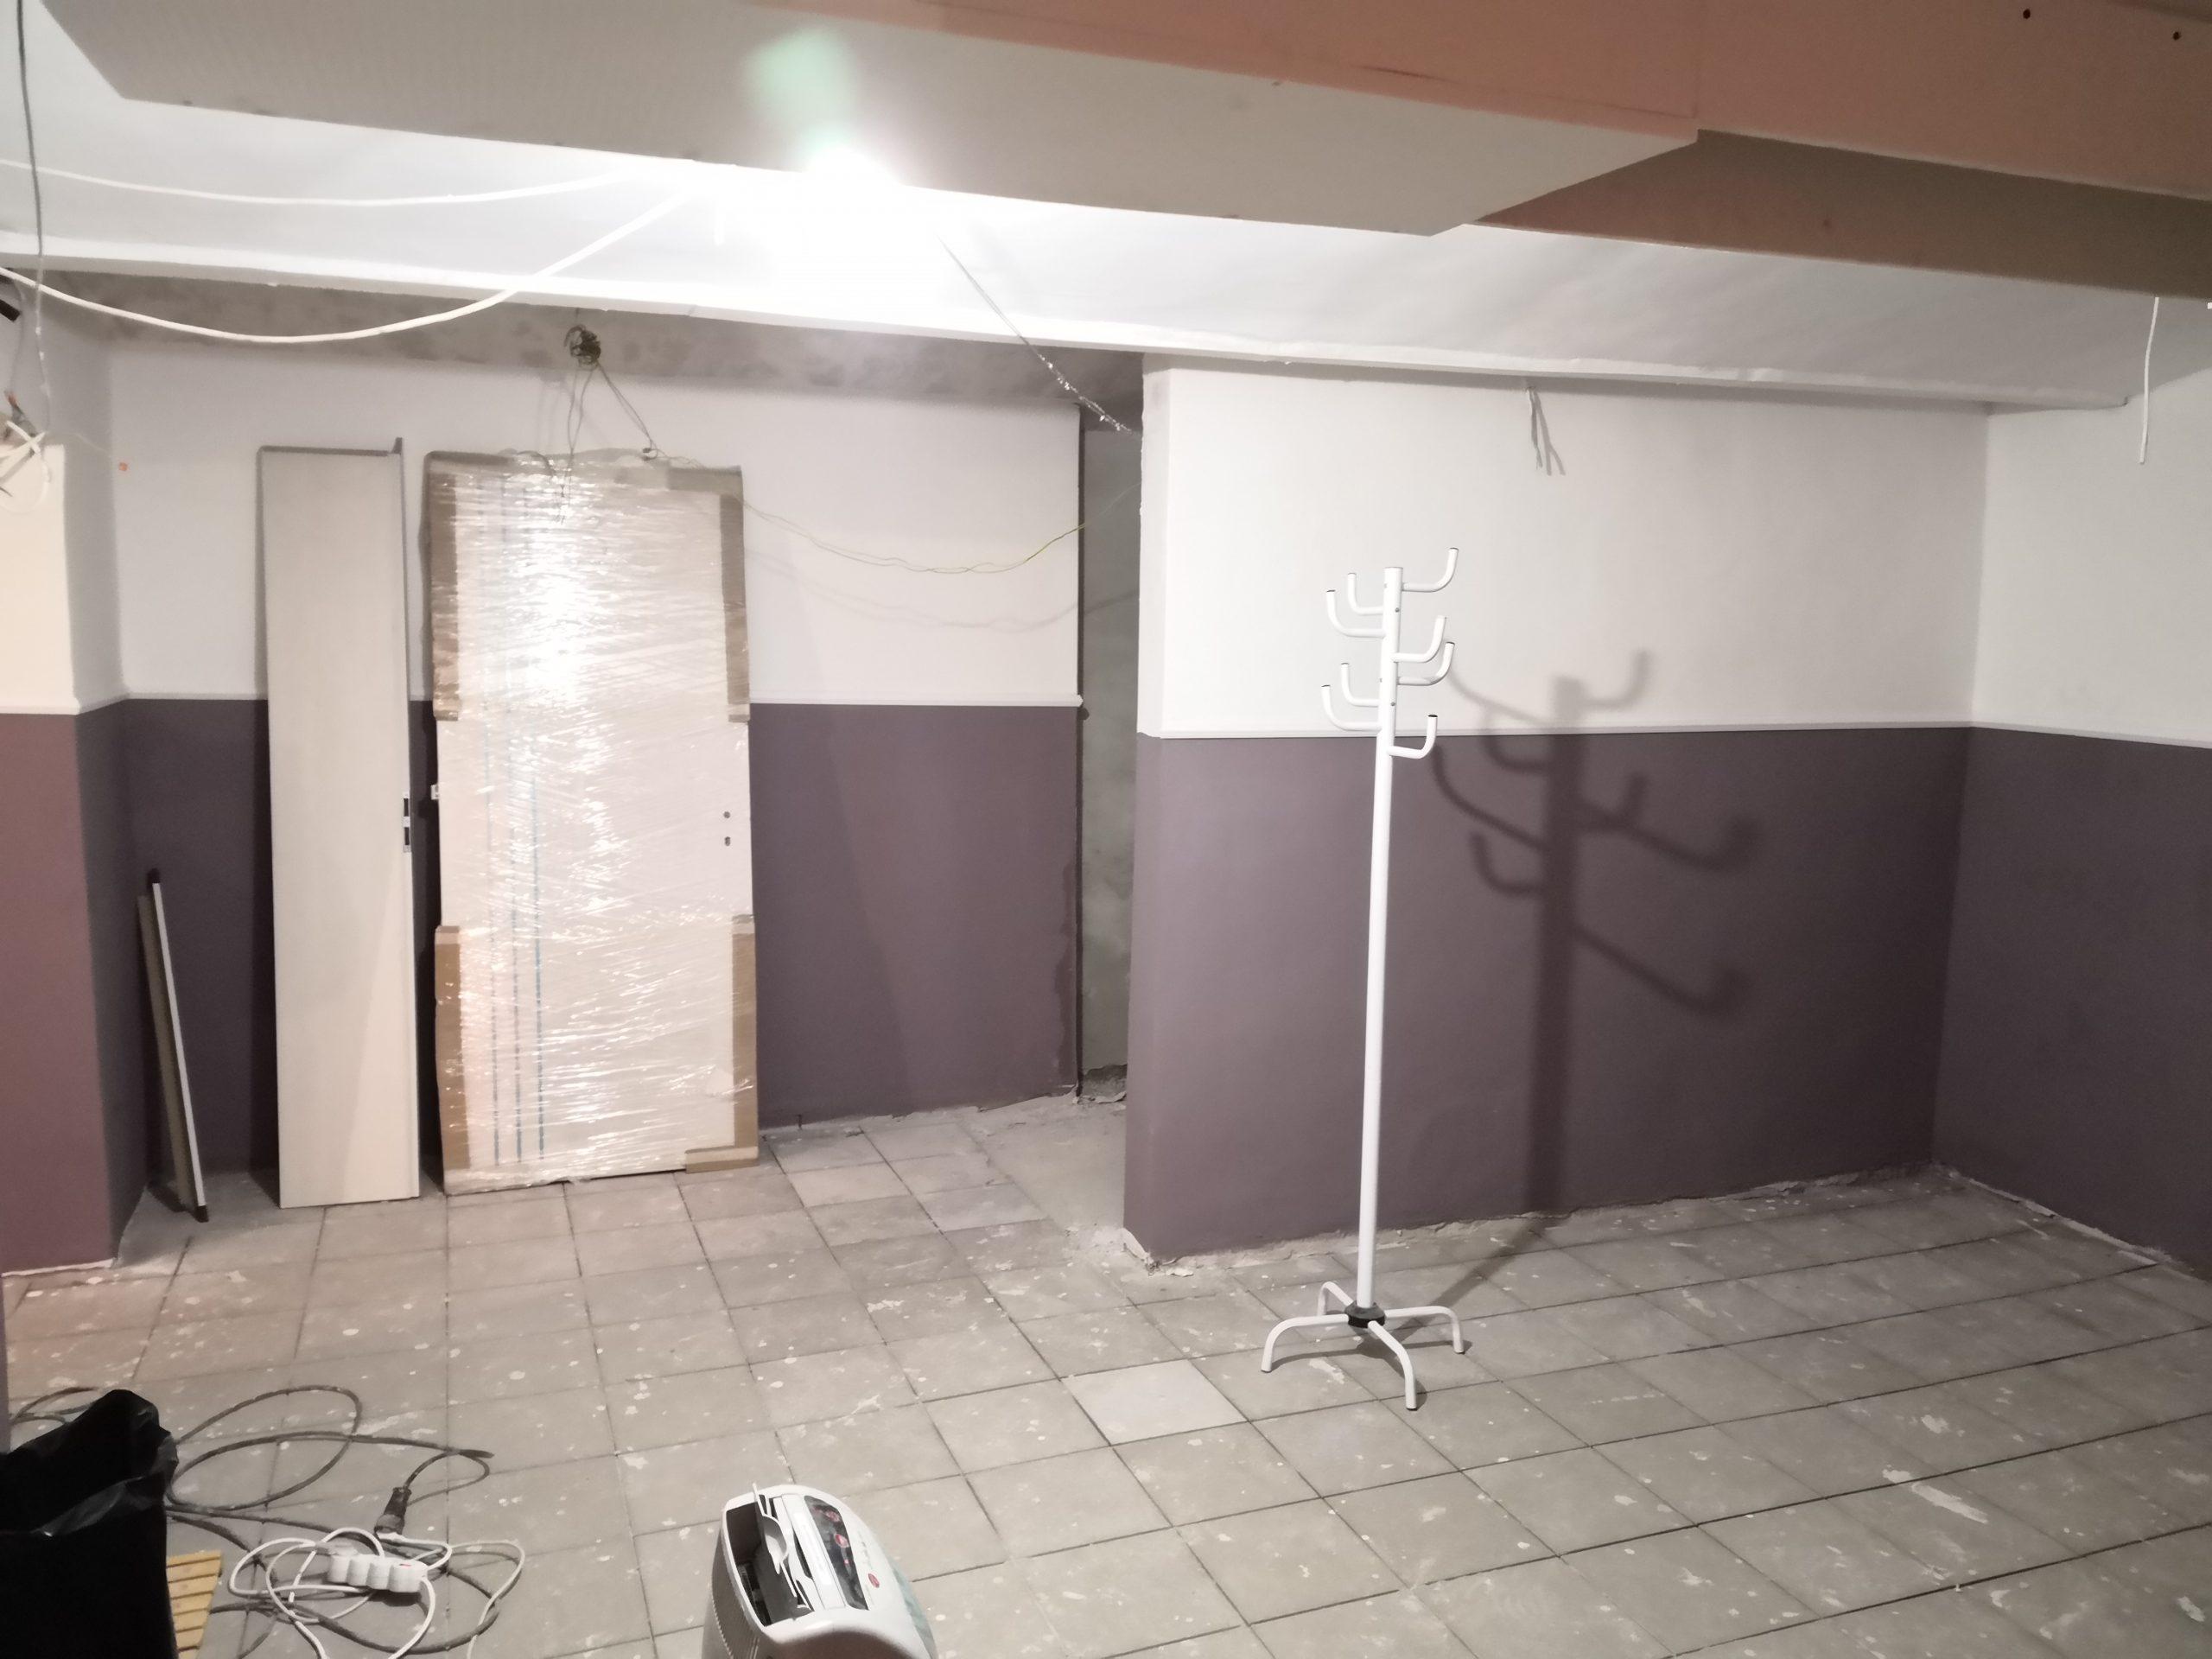 Fogas a fal mellett és egy letakart ajtó 2